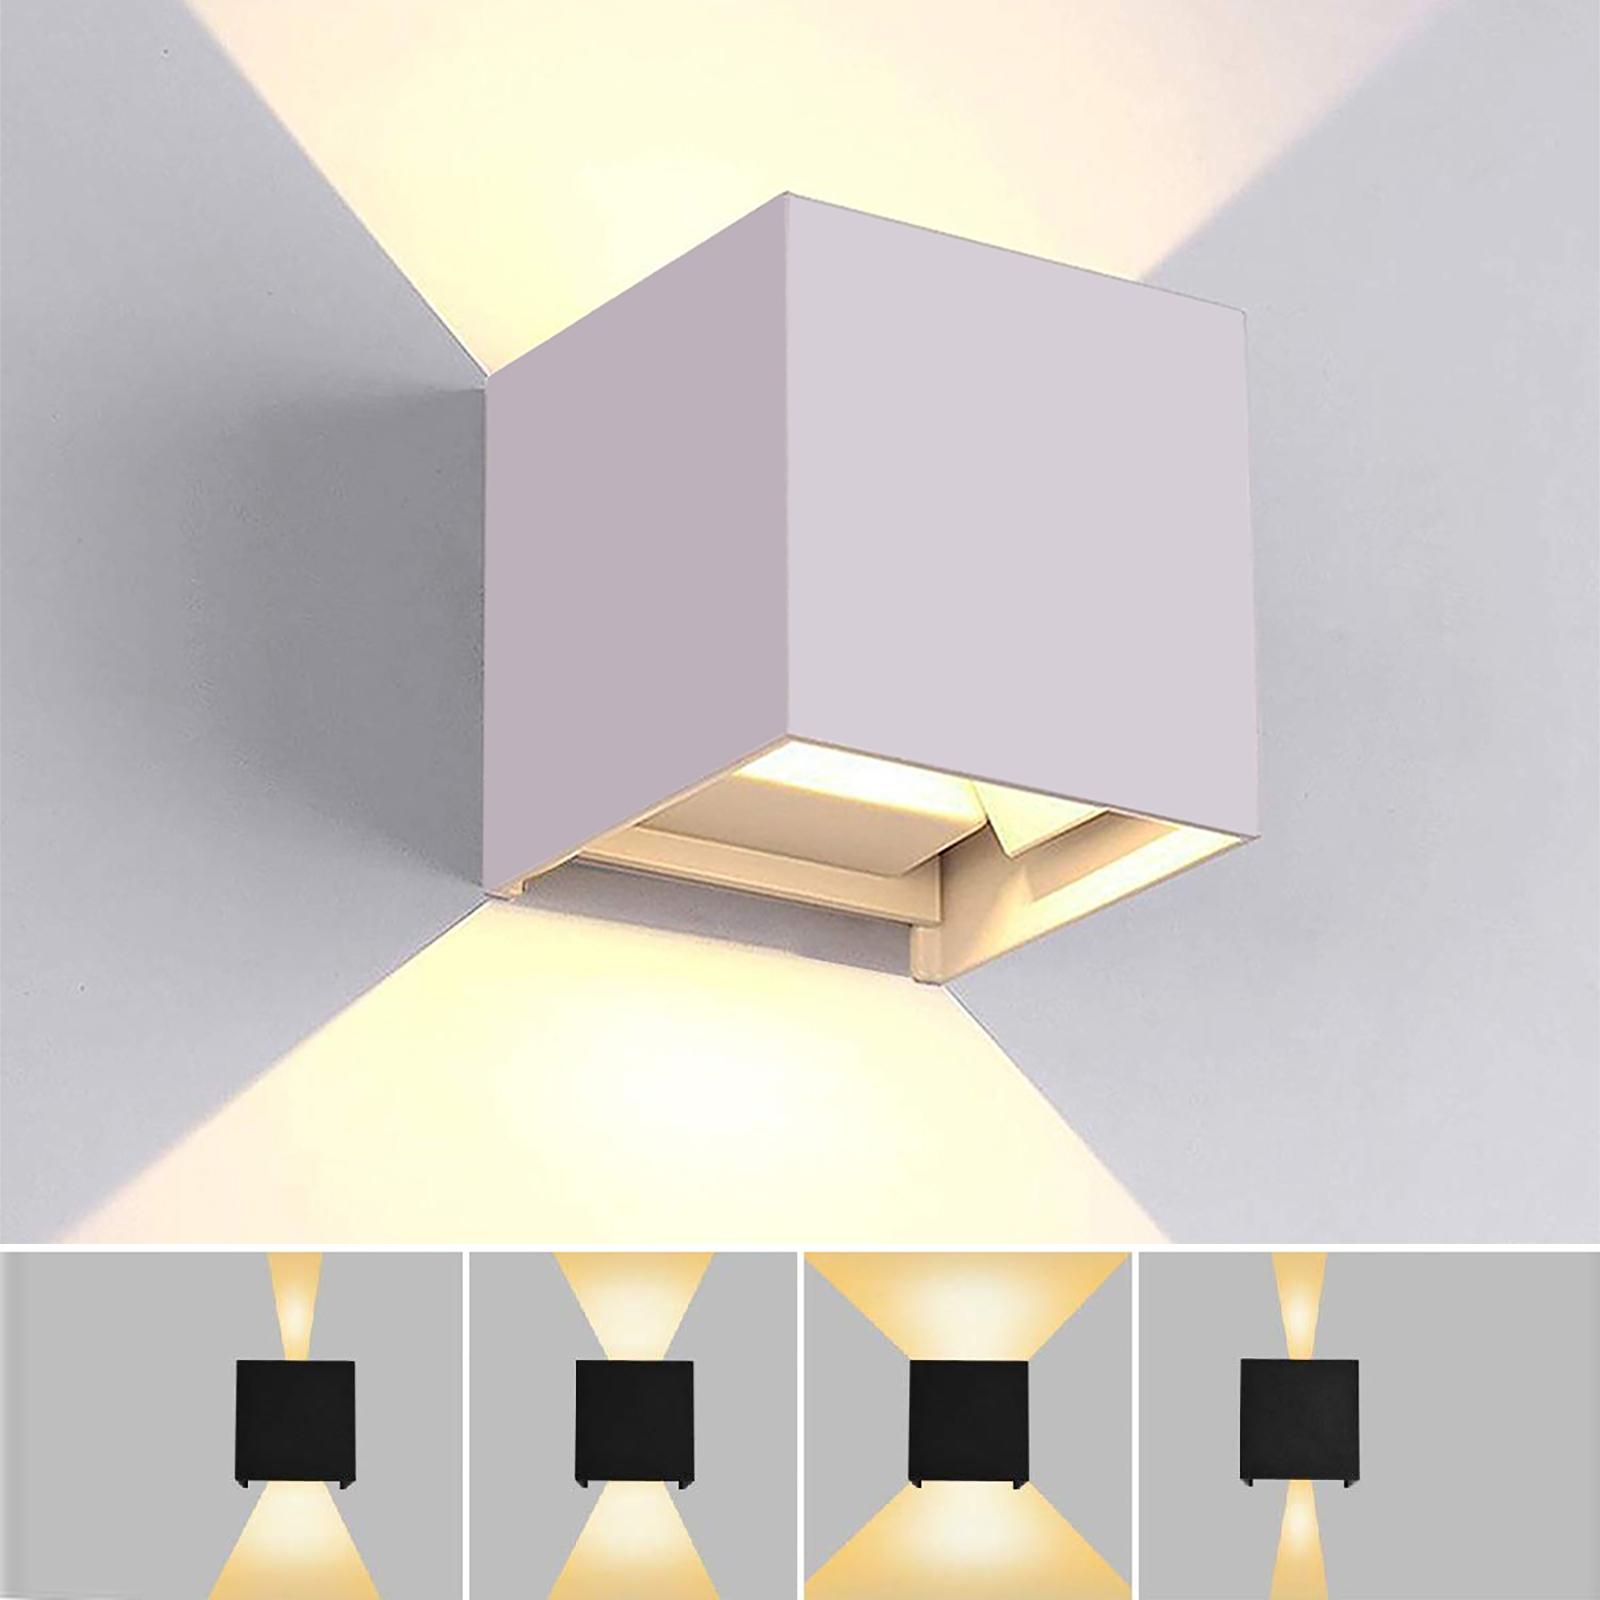 Lampade Per Porticati Esterni applique lampade led da esterno a parete - - lampada da